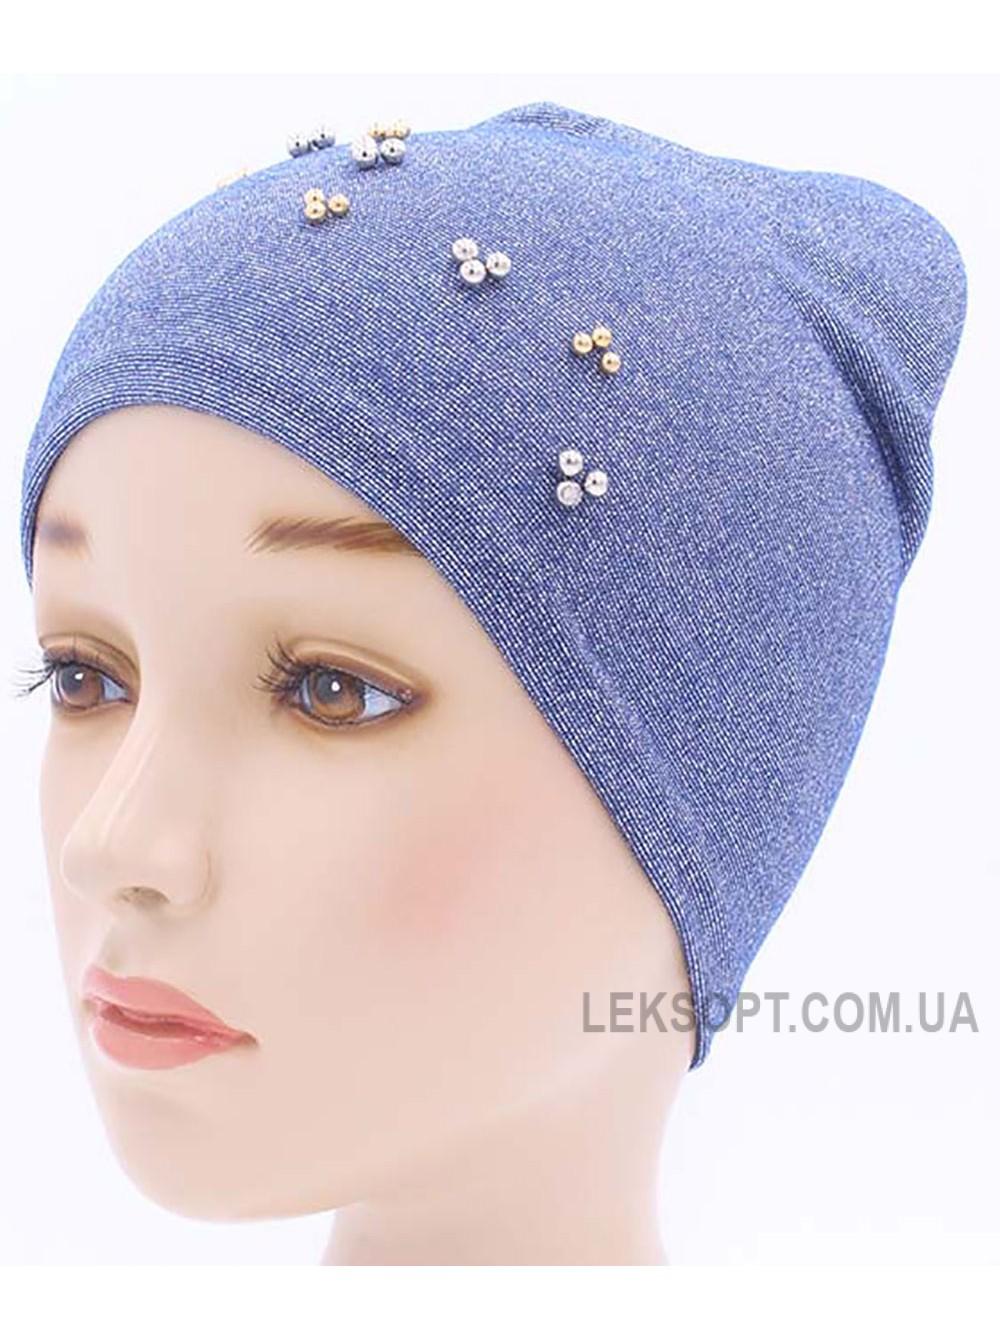 Детская трикотажная шапка BTA04116-50-54